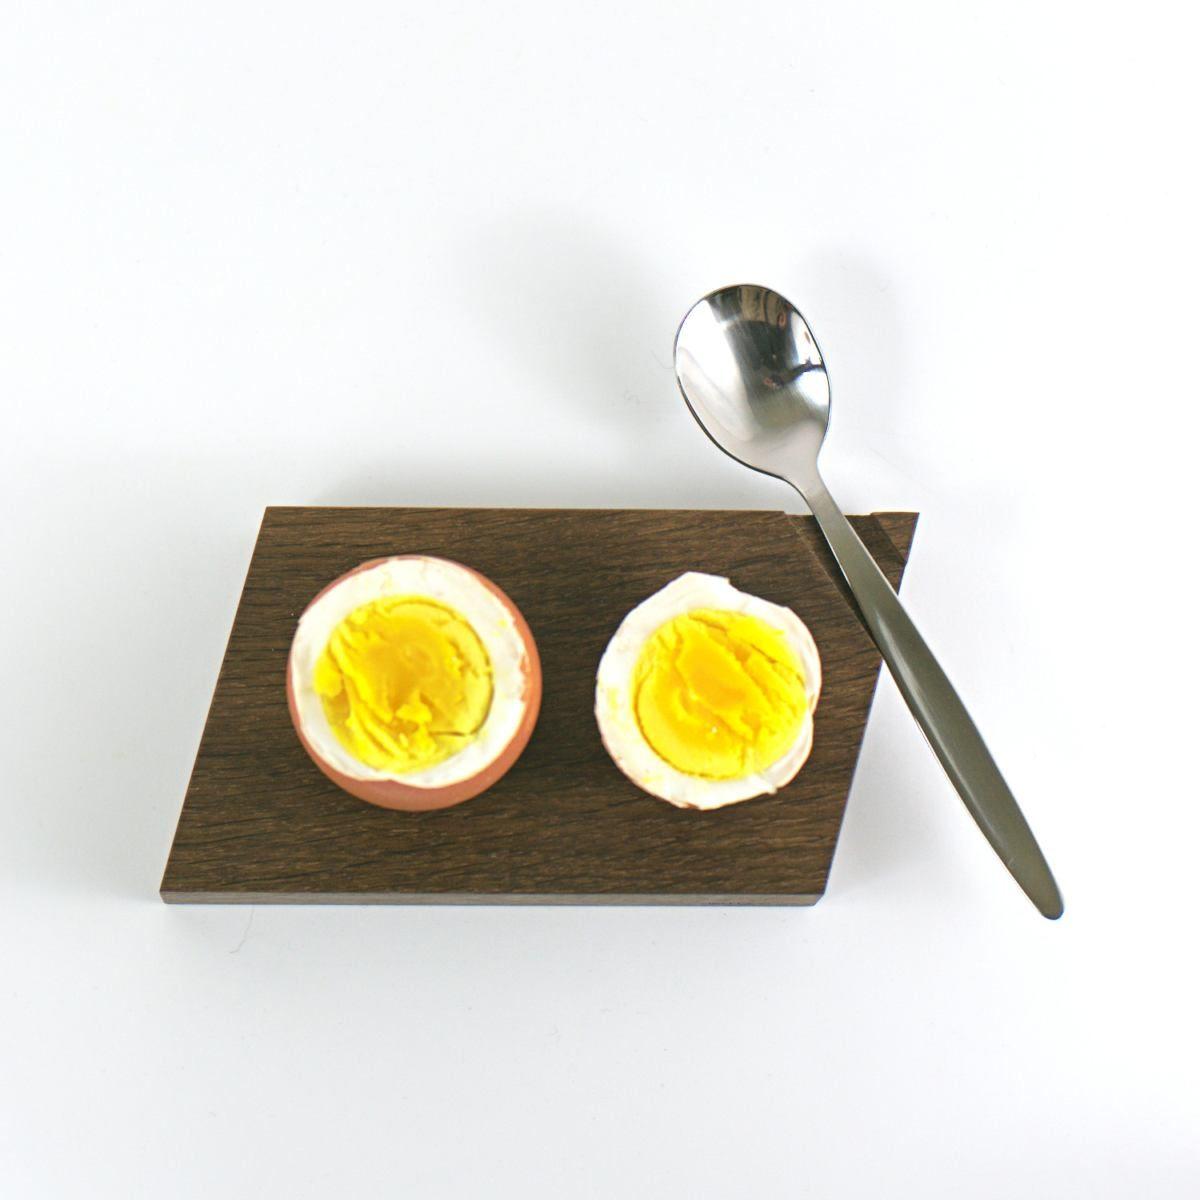 Eierbecher aus geräucherter Eiche mit Eierkuppen Ablage.